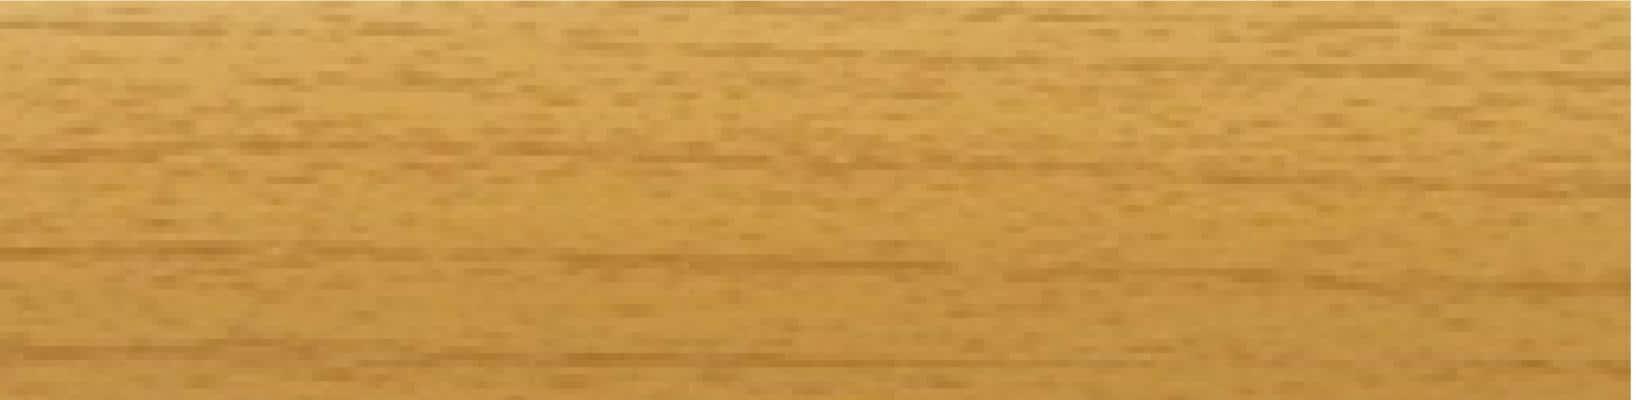 Drewnopodobny nr koloru 50082 (Dopłata 50%)